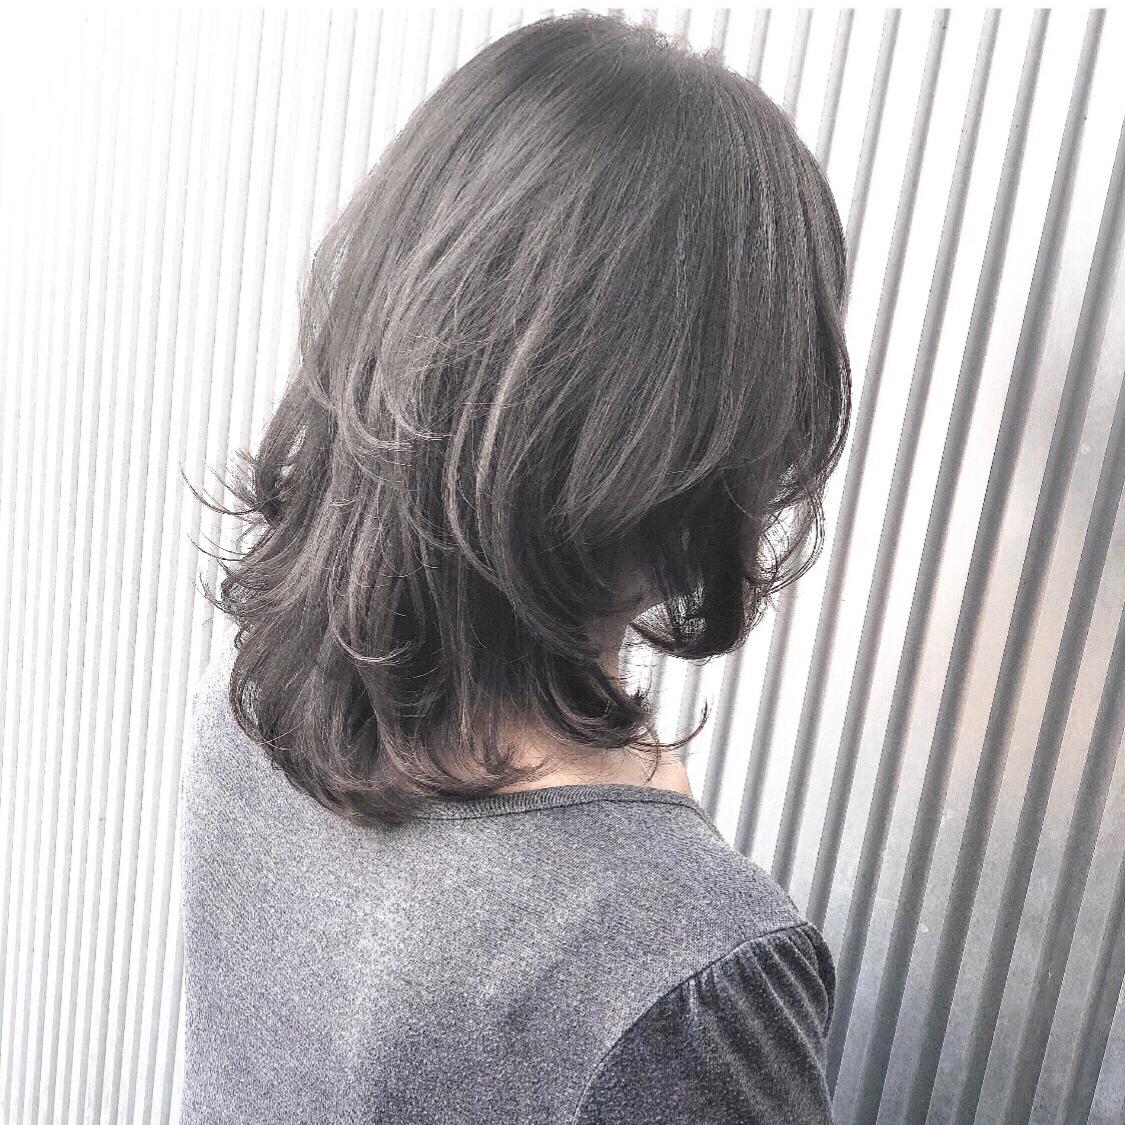 伸びてきたけど何かしっくり 来ない、、、。 レイヤーを入れたら解決出来るかも! ボブから伸びてきた方には特に 効果的だと思います(^^)  #前髪 #グレージュ #透明感 #アッシュ #ナチュラル #カジュアル #ストリート #ガーリー #キュート #オフィス #丸顔 #シースルーバング #カラー上手い #ゼロアルカリストレート #髪質改善 #ストレートパーマ #アッシュ  #アディクシーカラー  #イルミナカラー